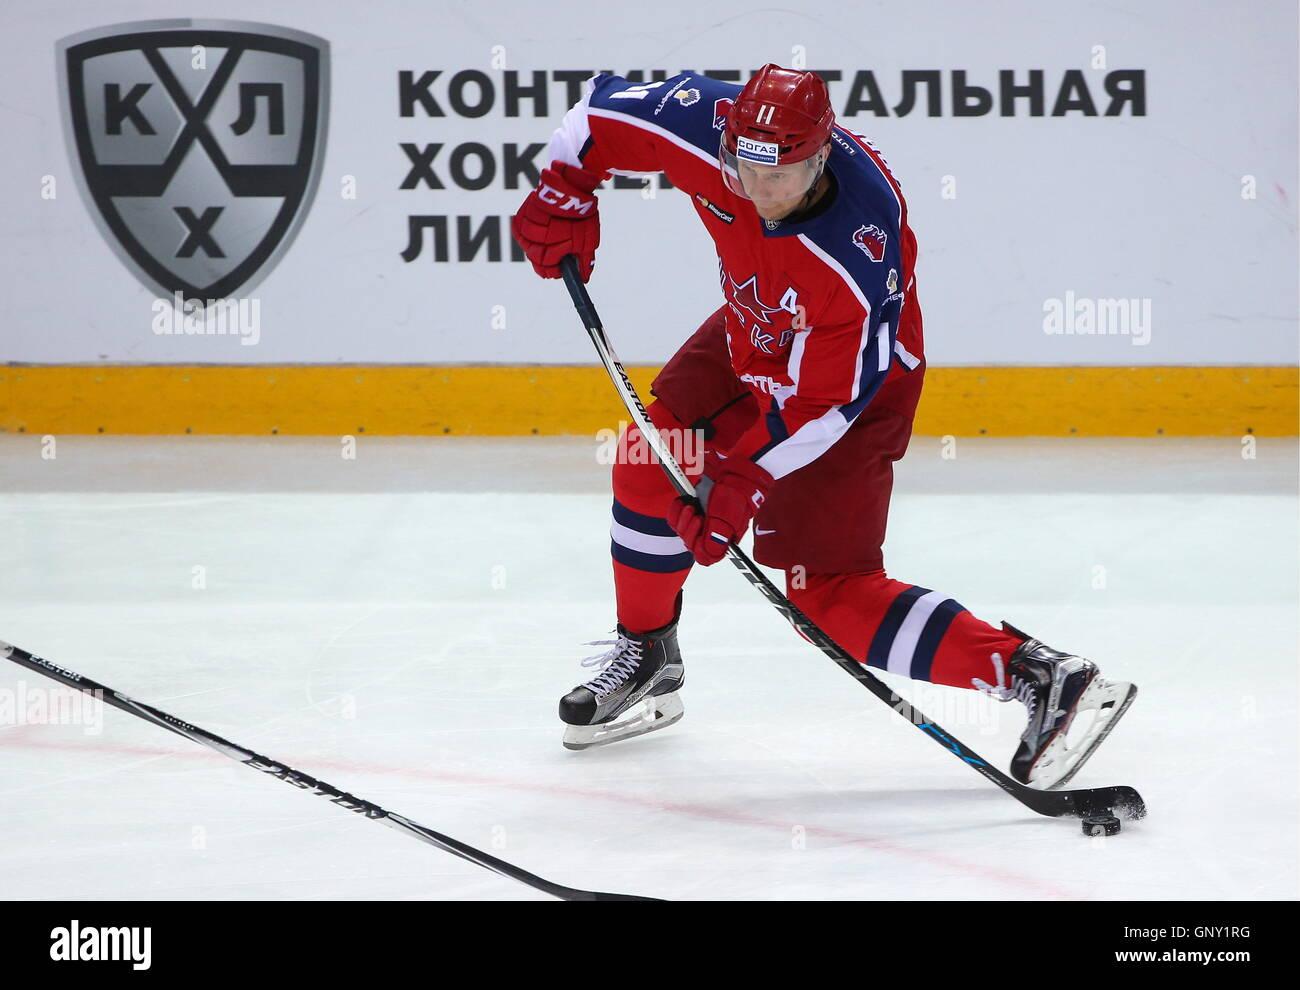 Mosca, Russia. 1 Sep, 2016. Il CSKA Mosca del Sergei Andronov in azione nel 2016/2017 KHL Regular Season hockey Immagini Stock